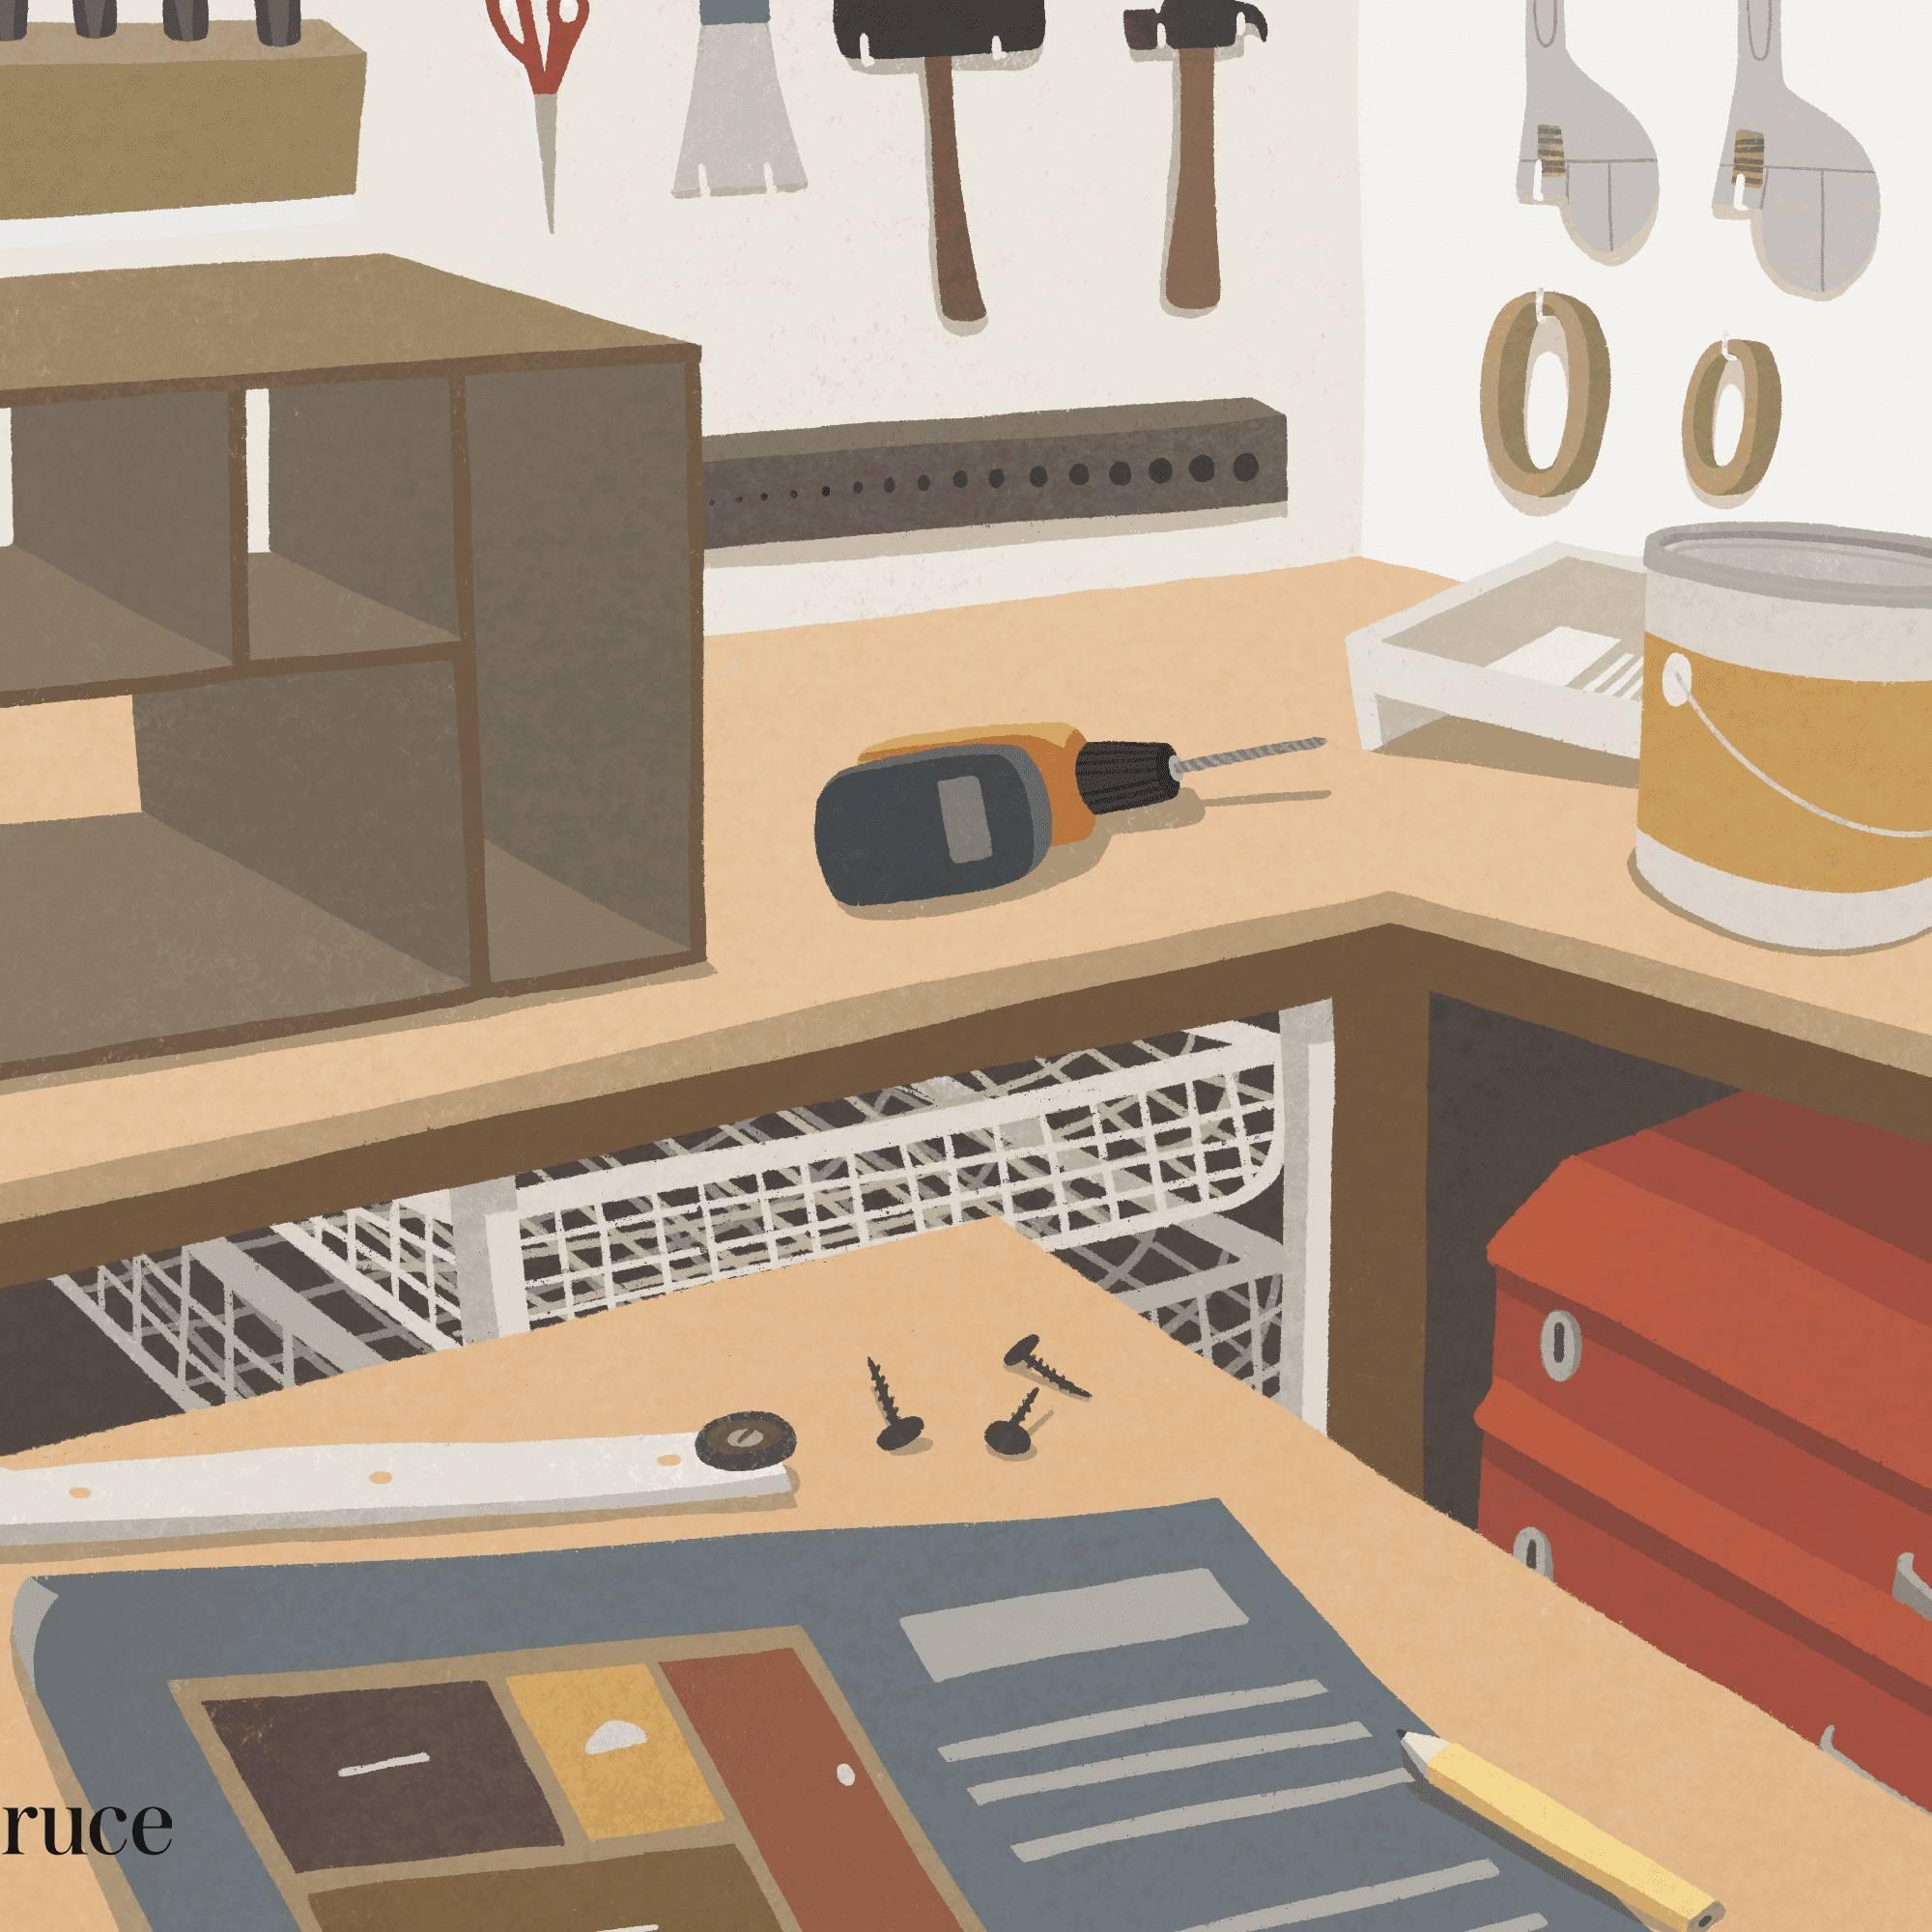 free dresser plans final 720d2bfd6abd4564a05dafaa26f